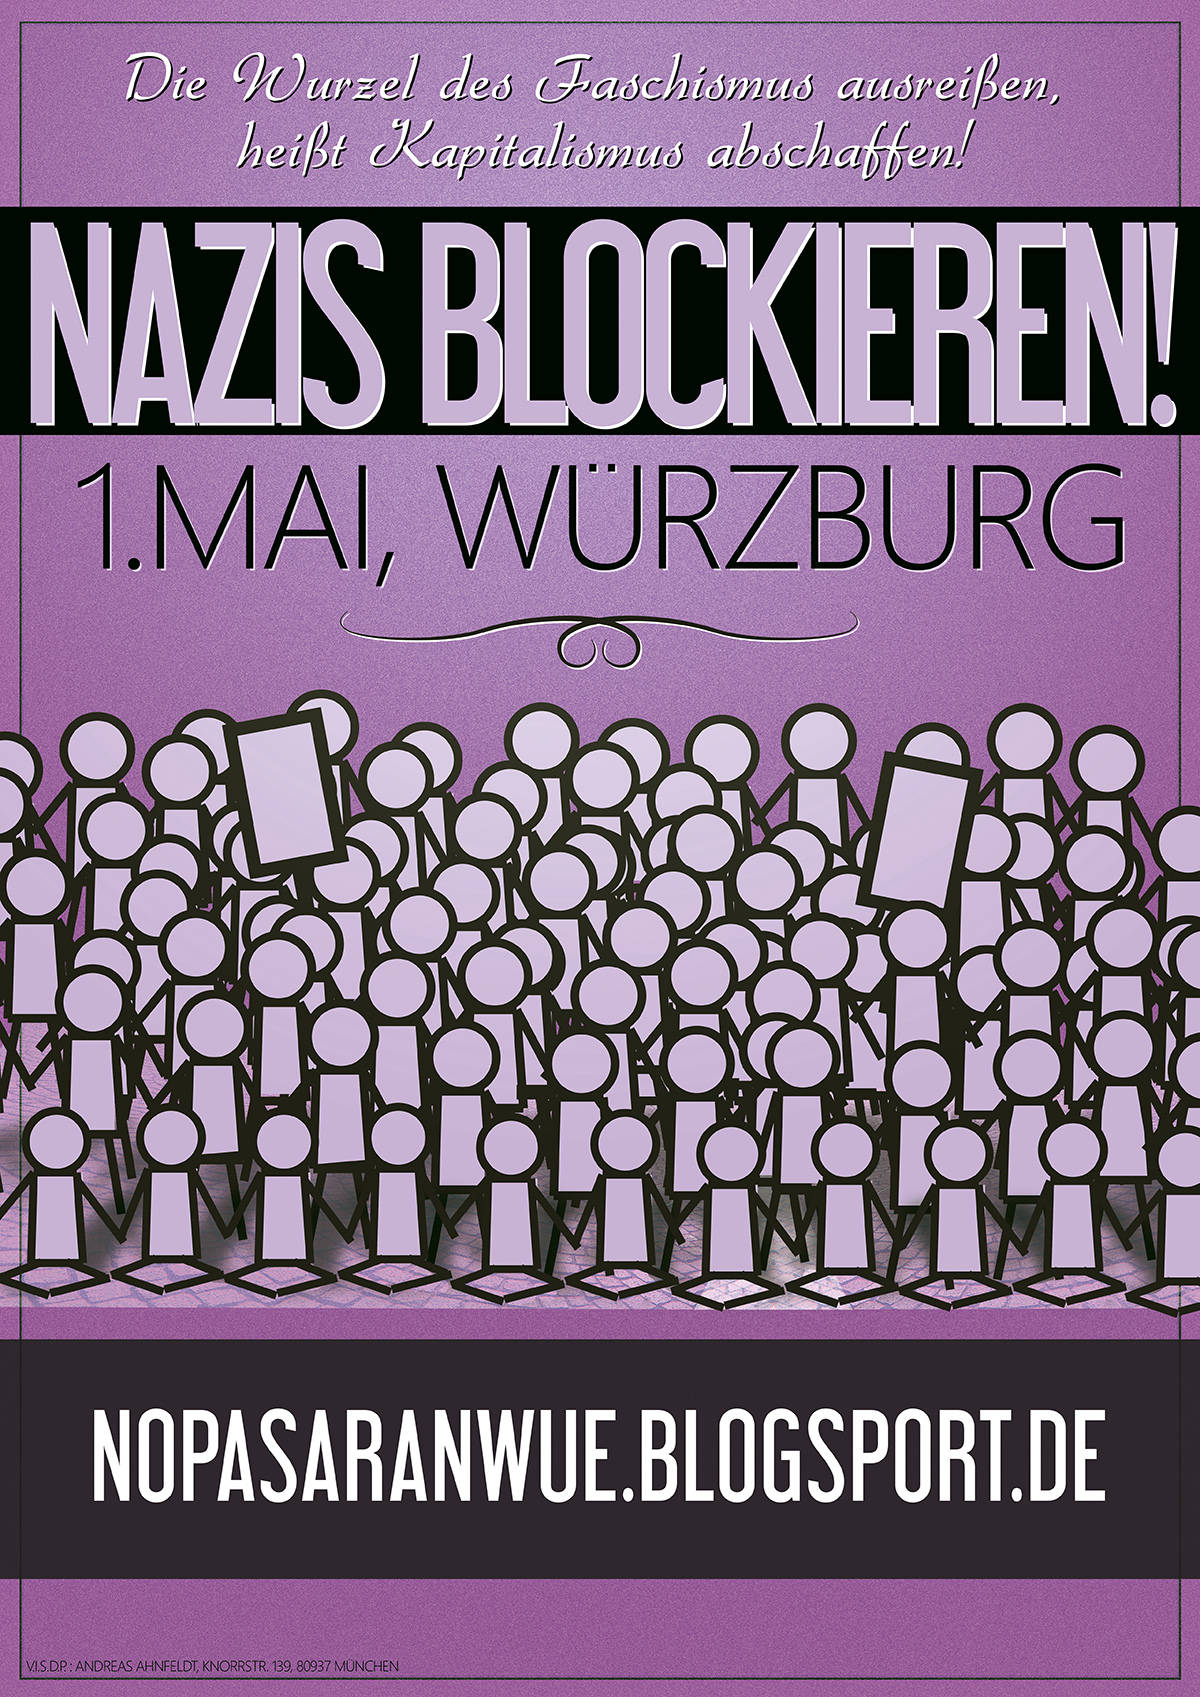 poster-no-pasaran-würzburg